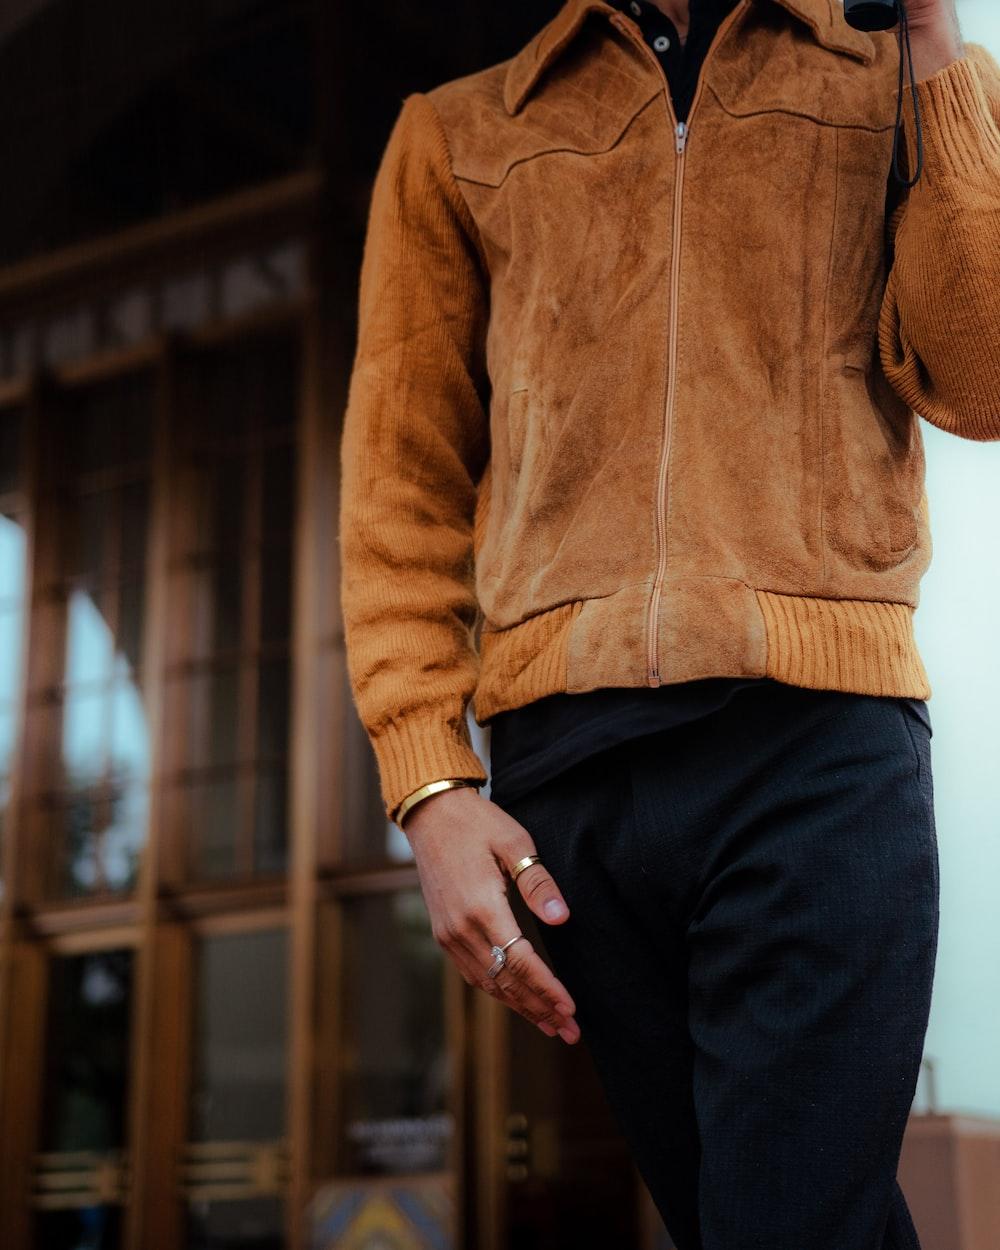 man in brown zip up jacket and black pants